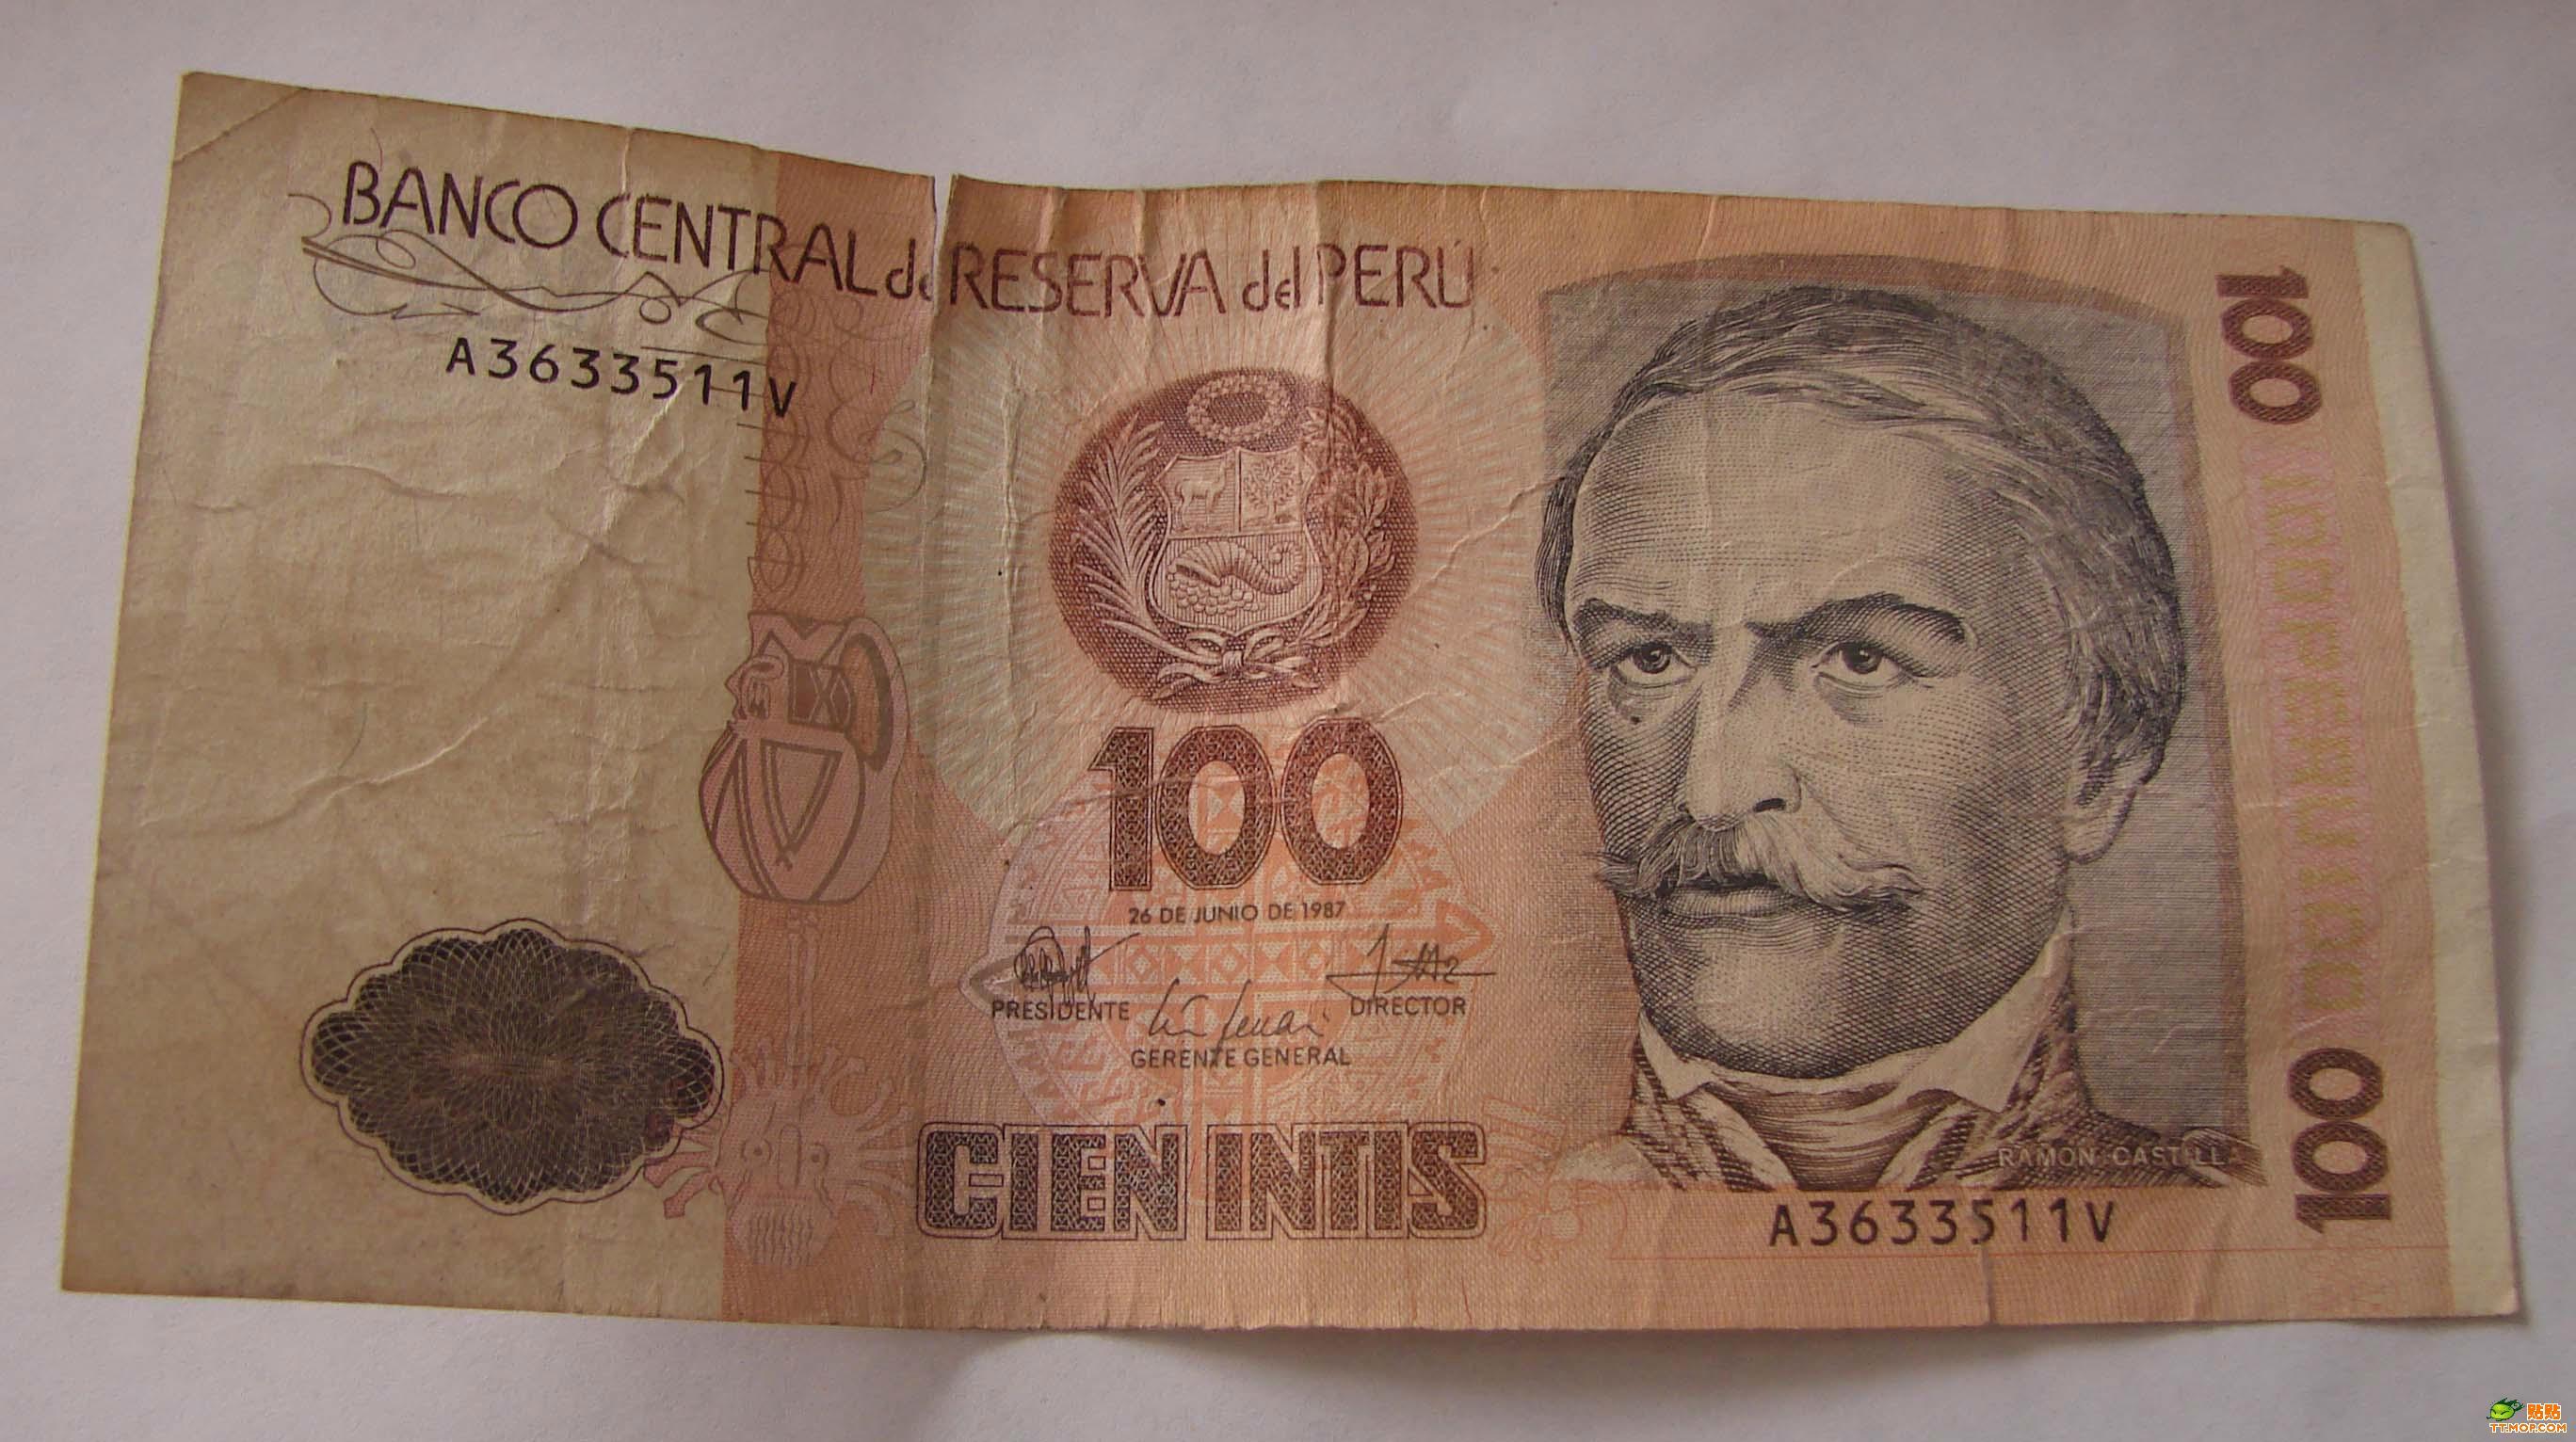 白俄罗斯钱币100元 印度钱币100元图样 印度钱币100元图样 高清图片